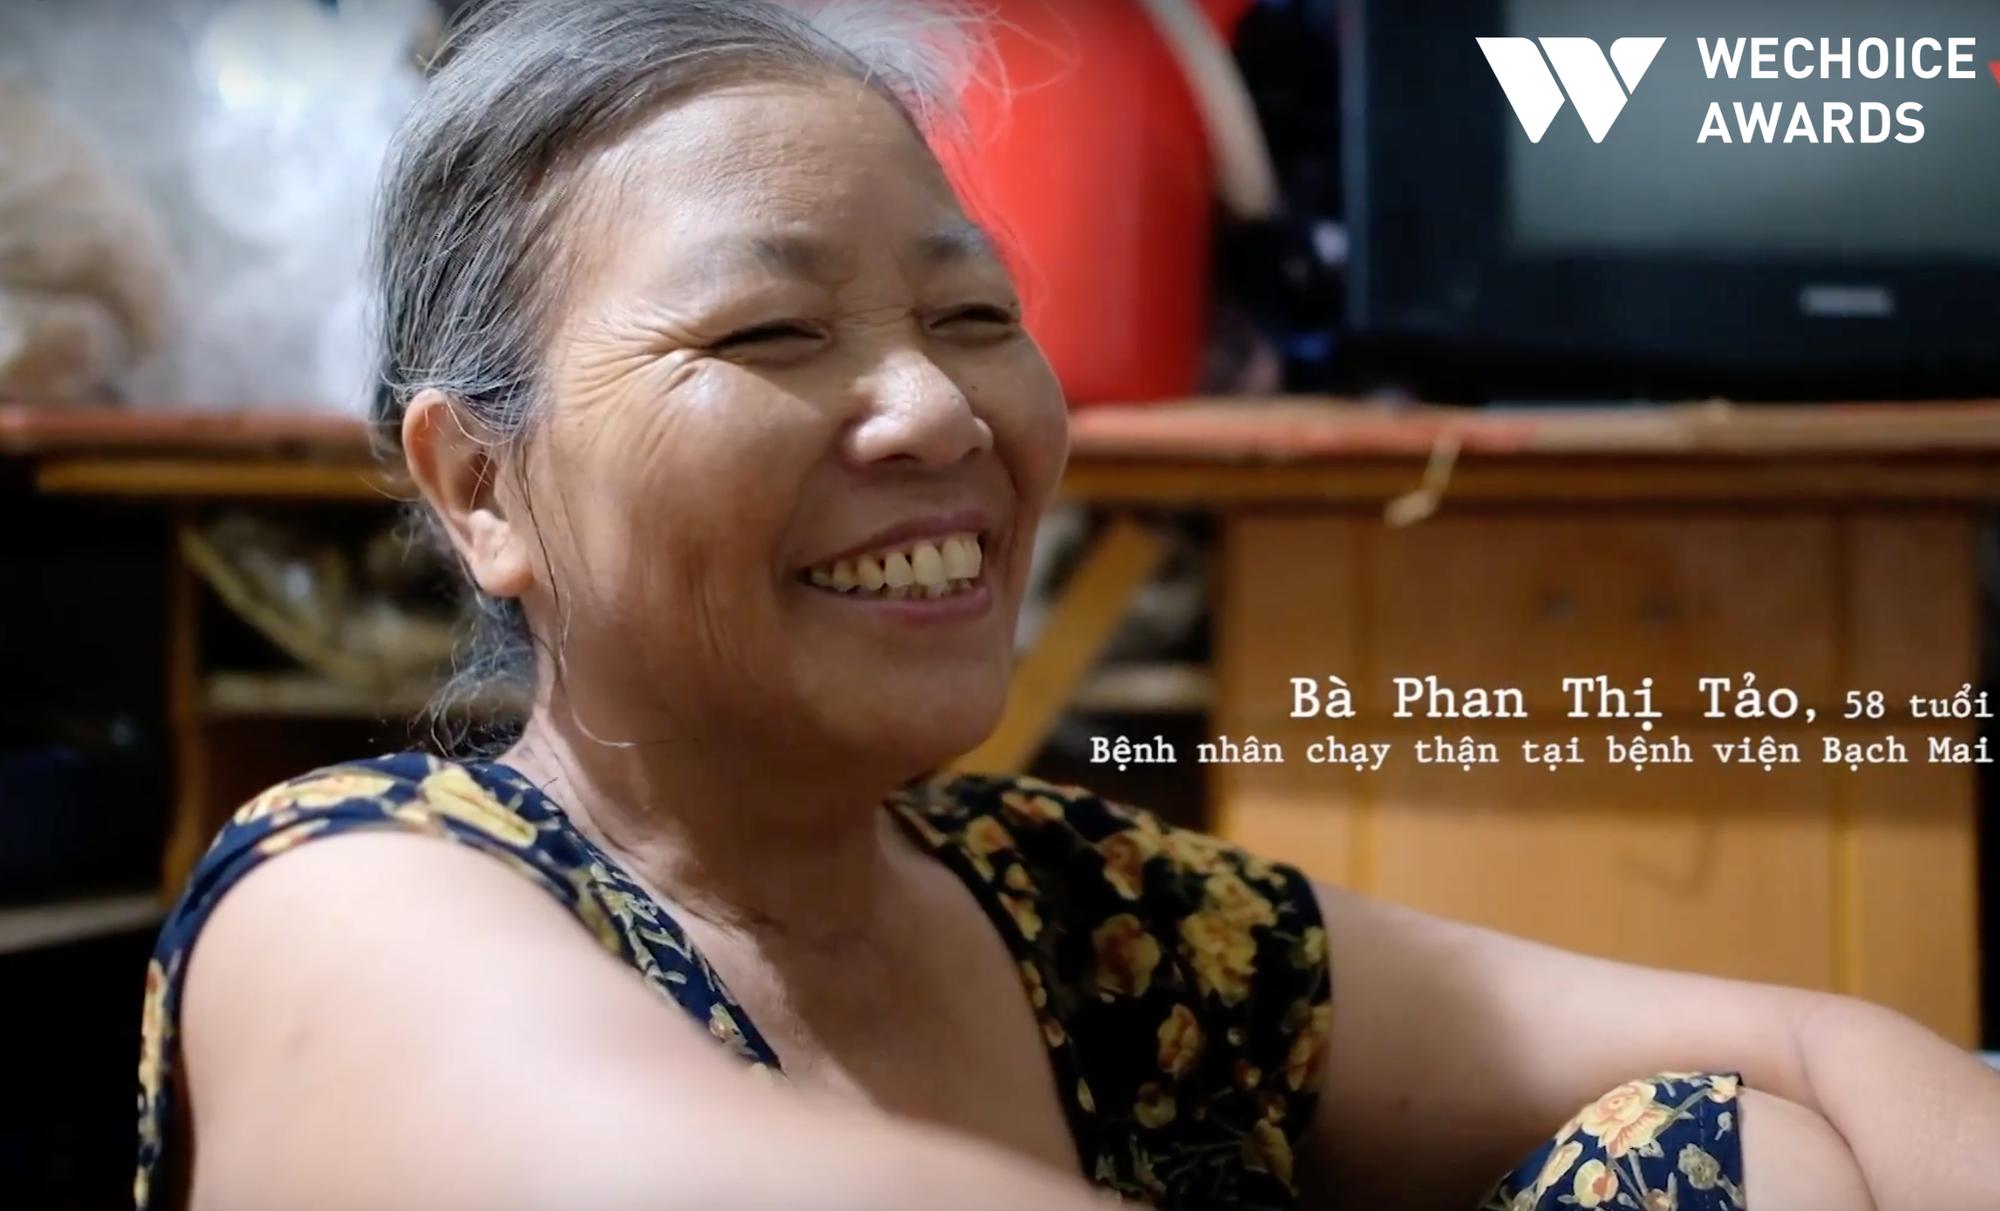 Chuyện tình yêu hơn thập kỷ chạy thận xa chồng của cụ bà ở viện Bạch Mai: Đúng số cô may, lấy chú xấu trai nên chú chiều - Ảnh 3.